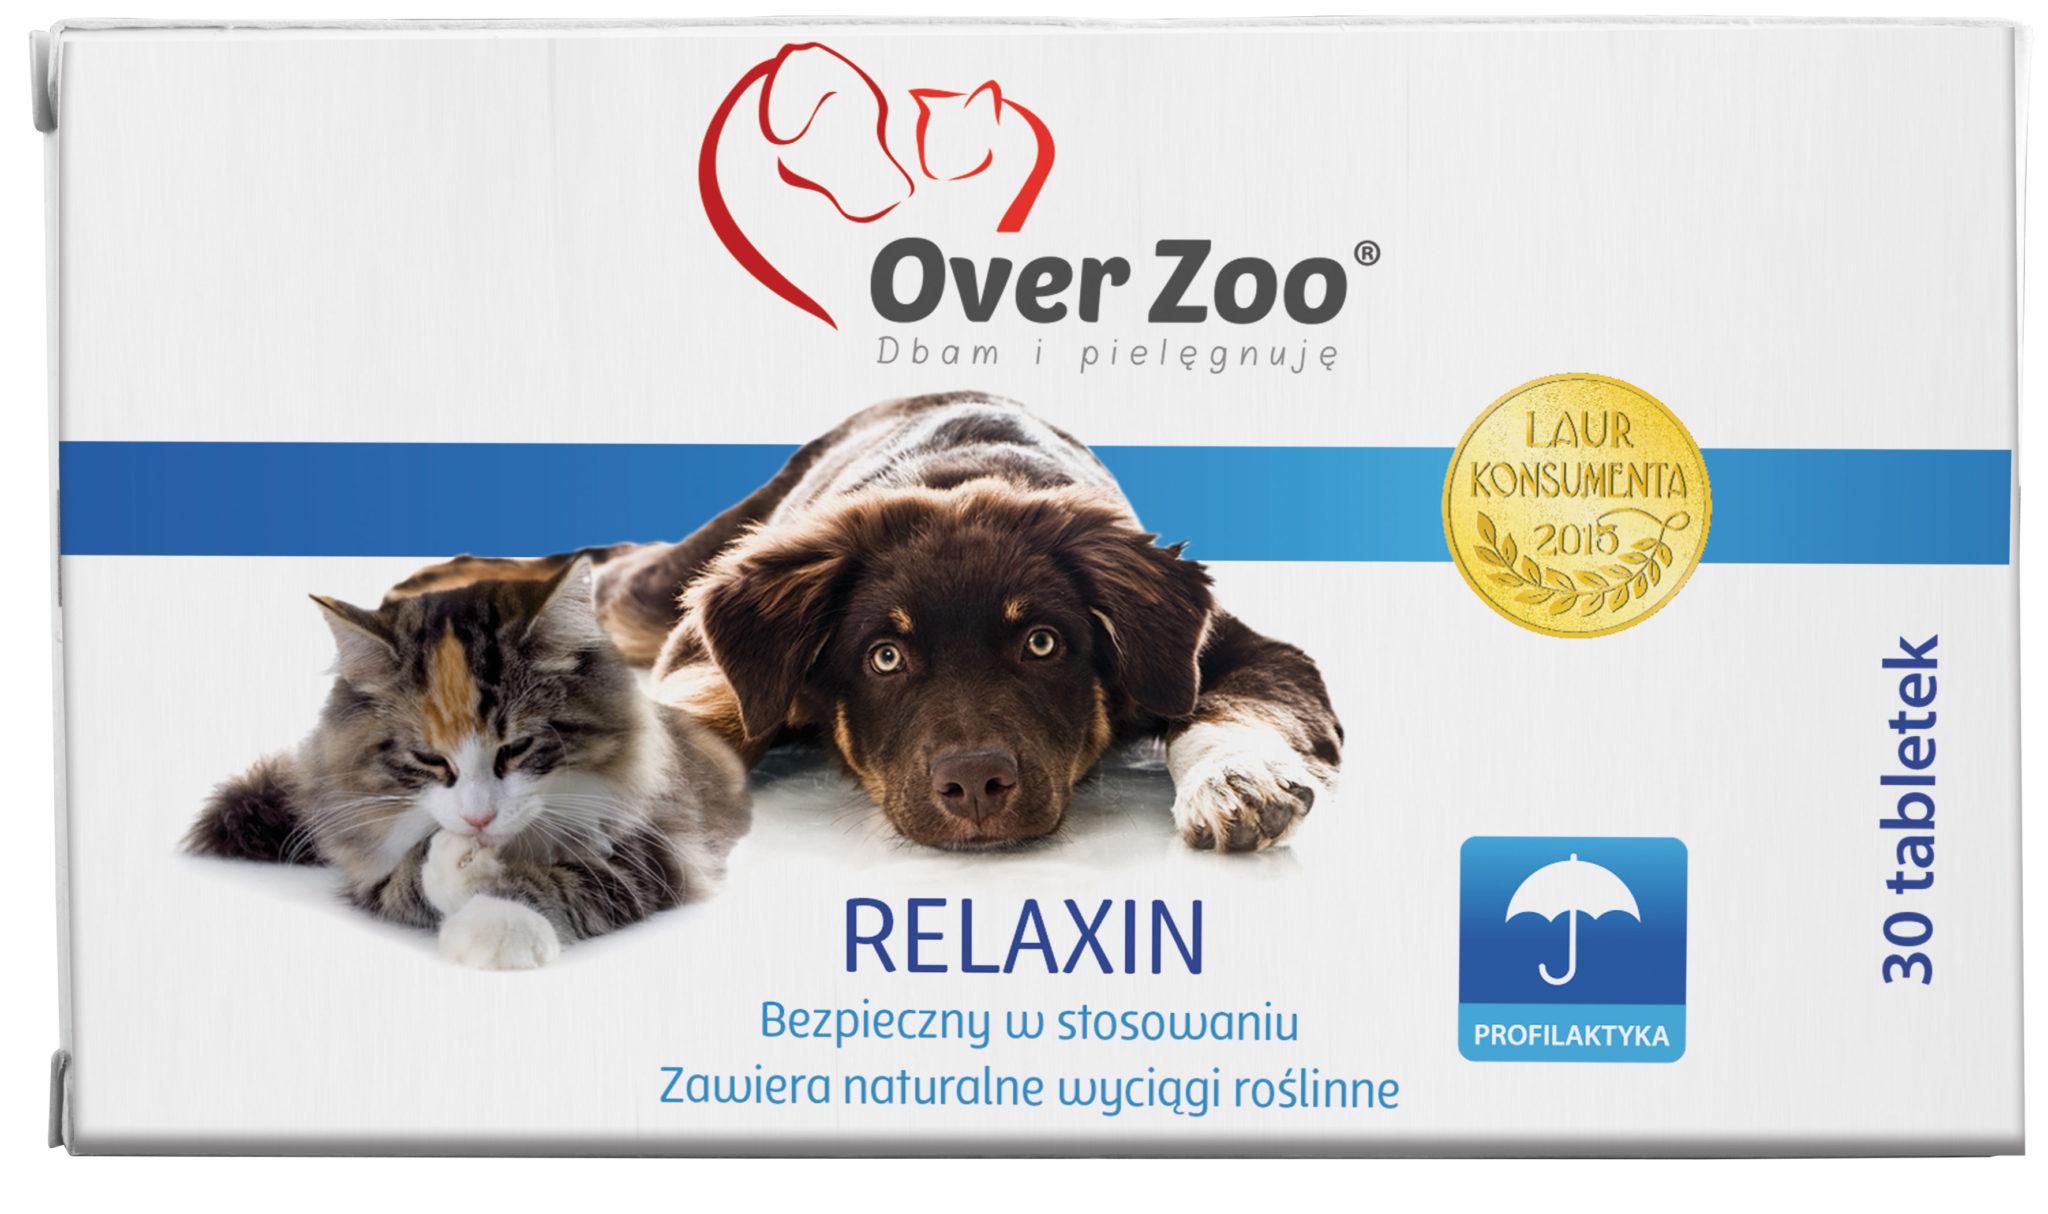 Naturalny, ziołowy preparat dla psów i kotów o działaniu uspokajającym.